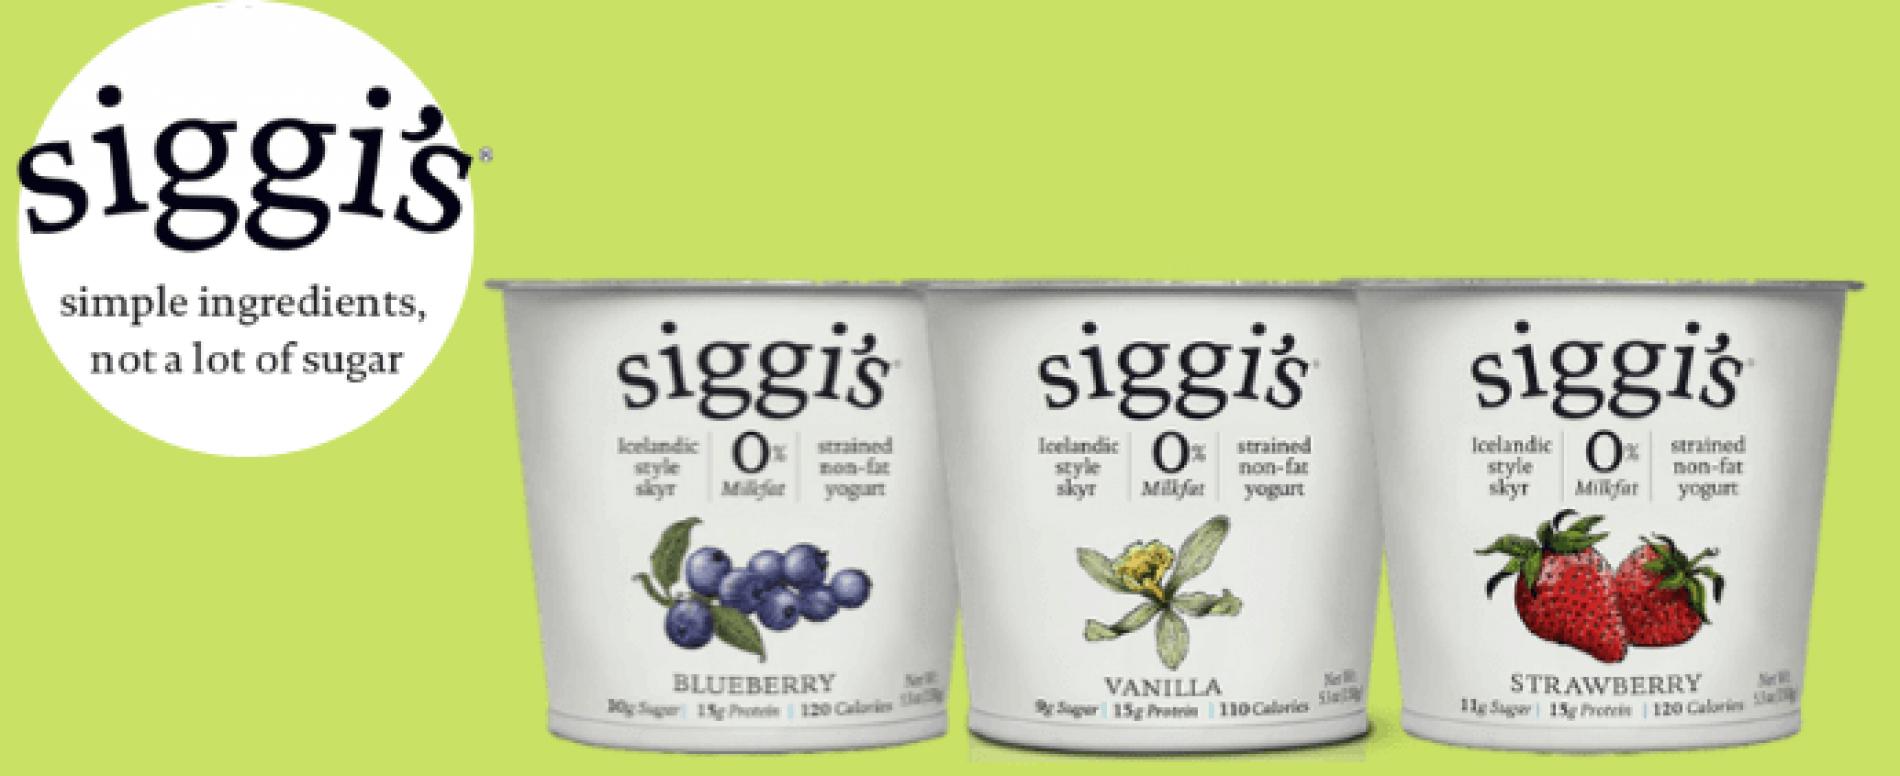 Arriva anche in Italia Siggi's, lo yogurt islandese tutto natura